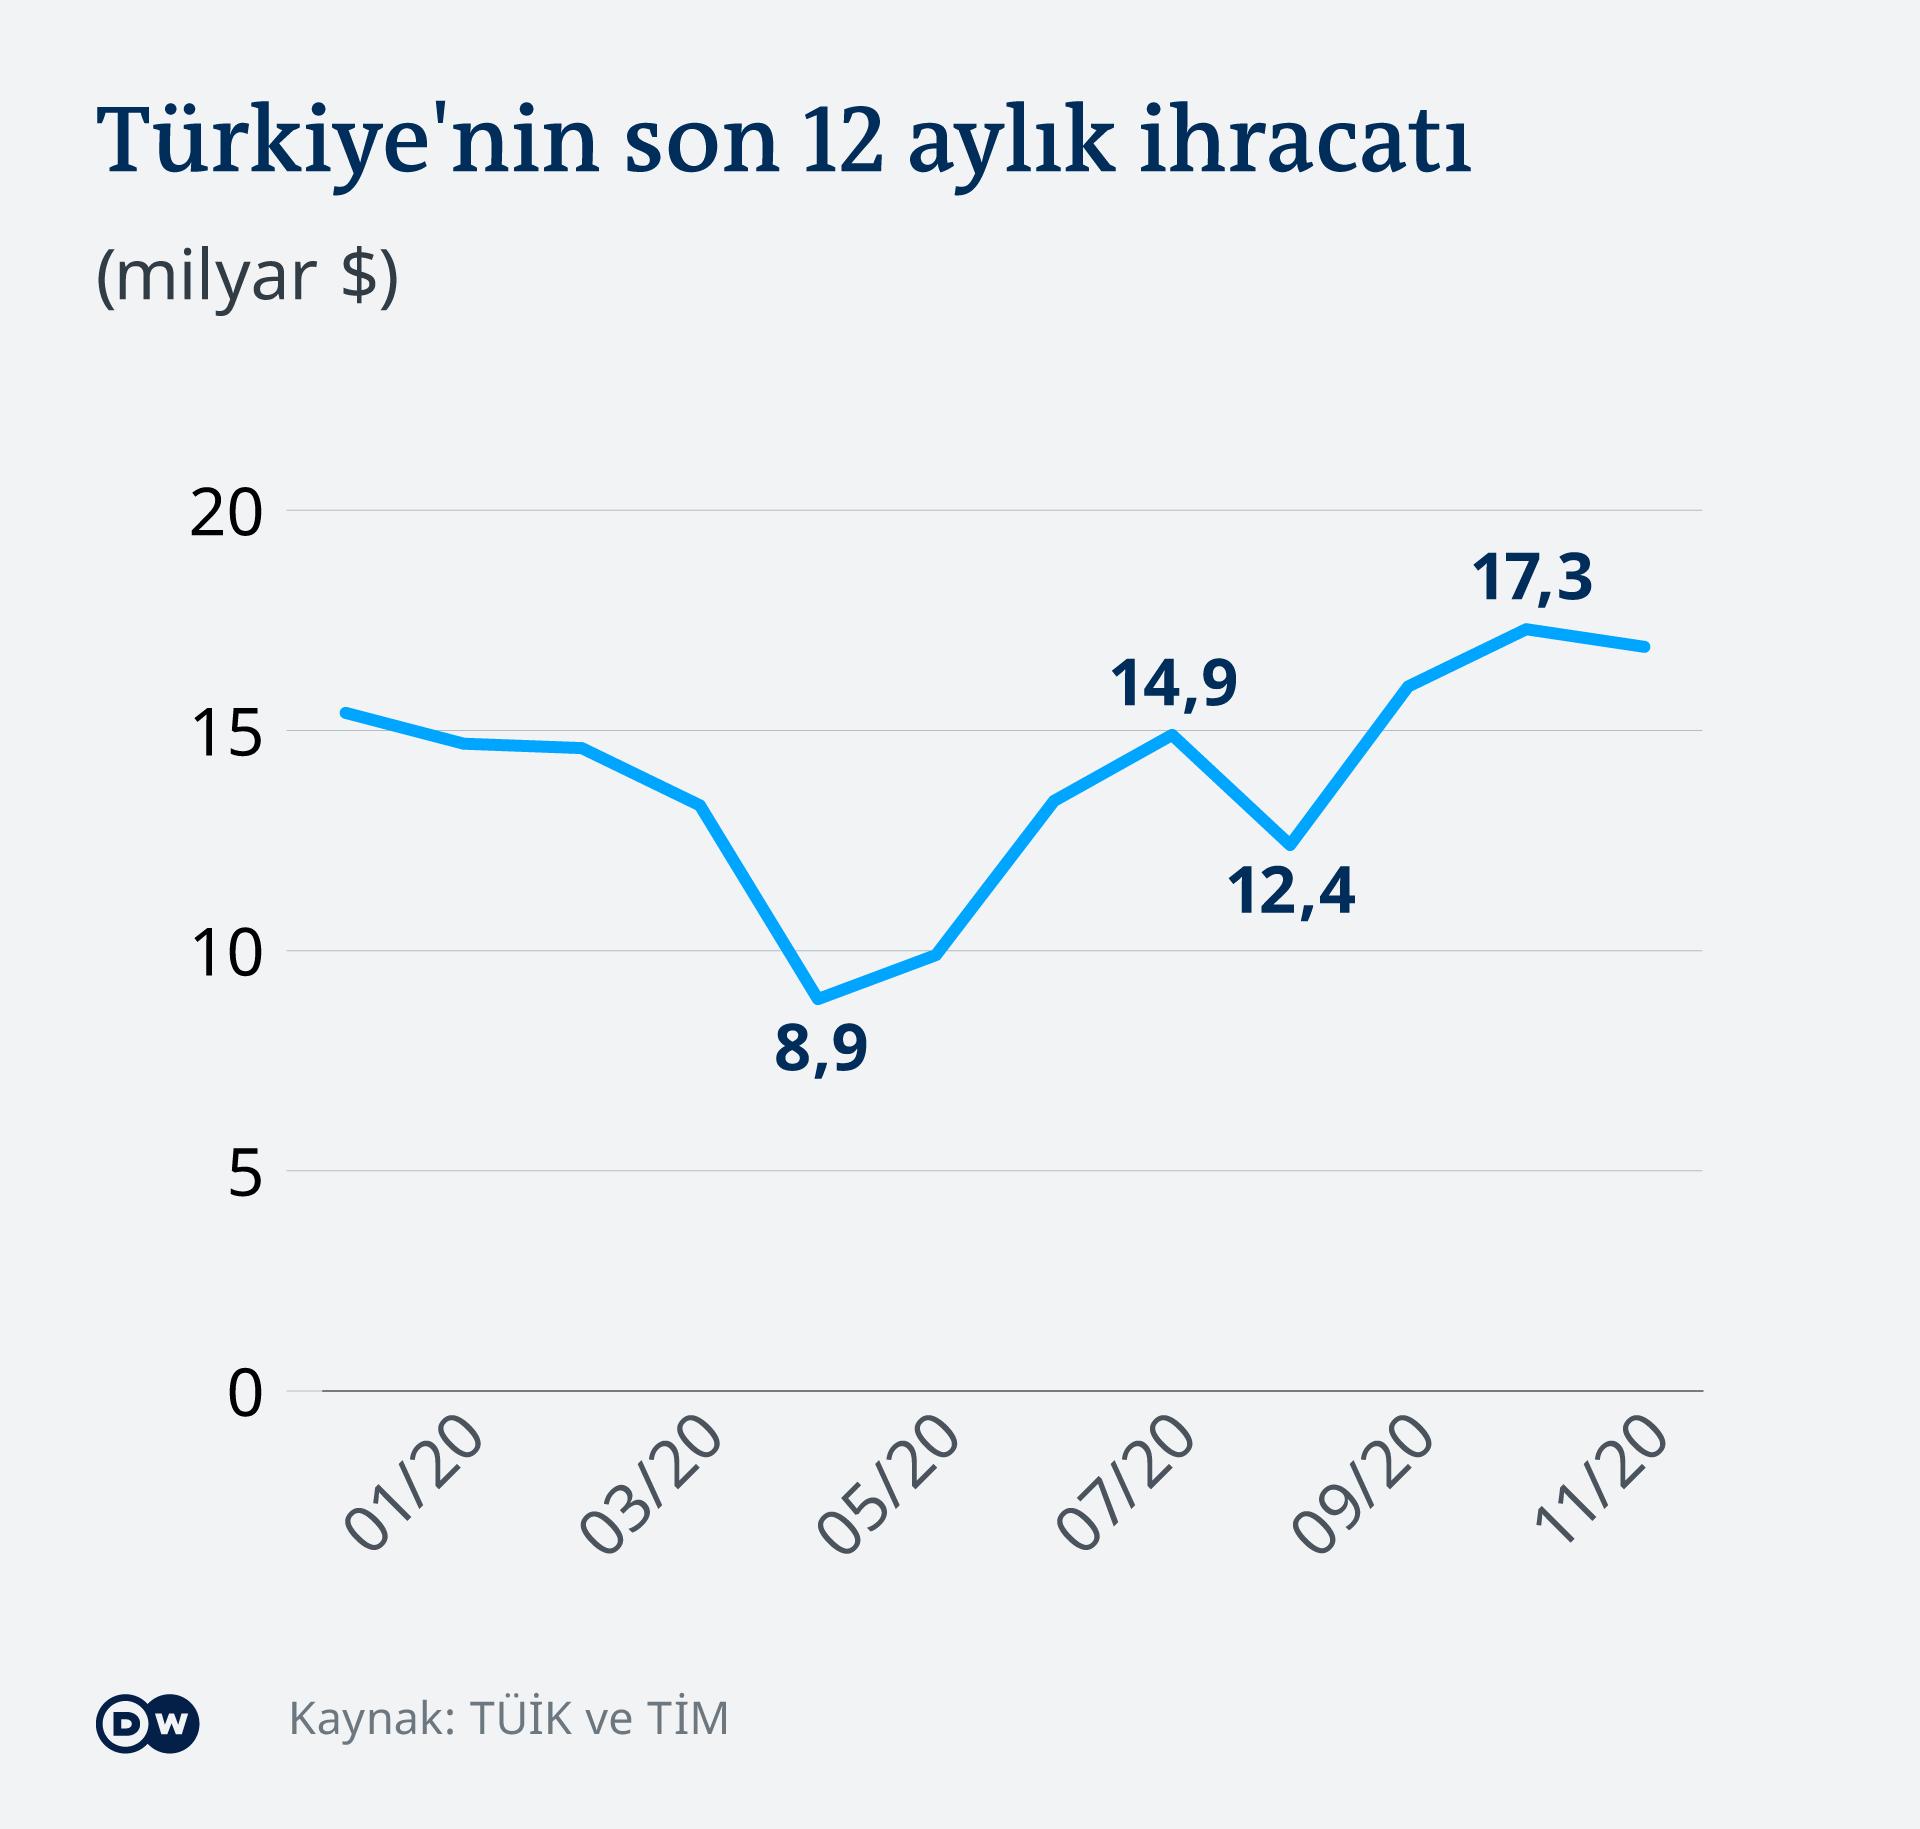 Infografik Wirtschaft Türkei Exporte TR